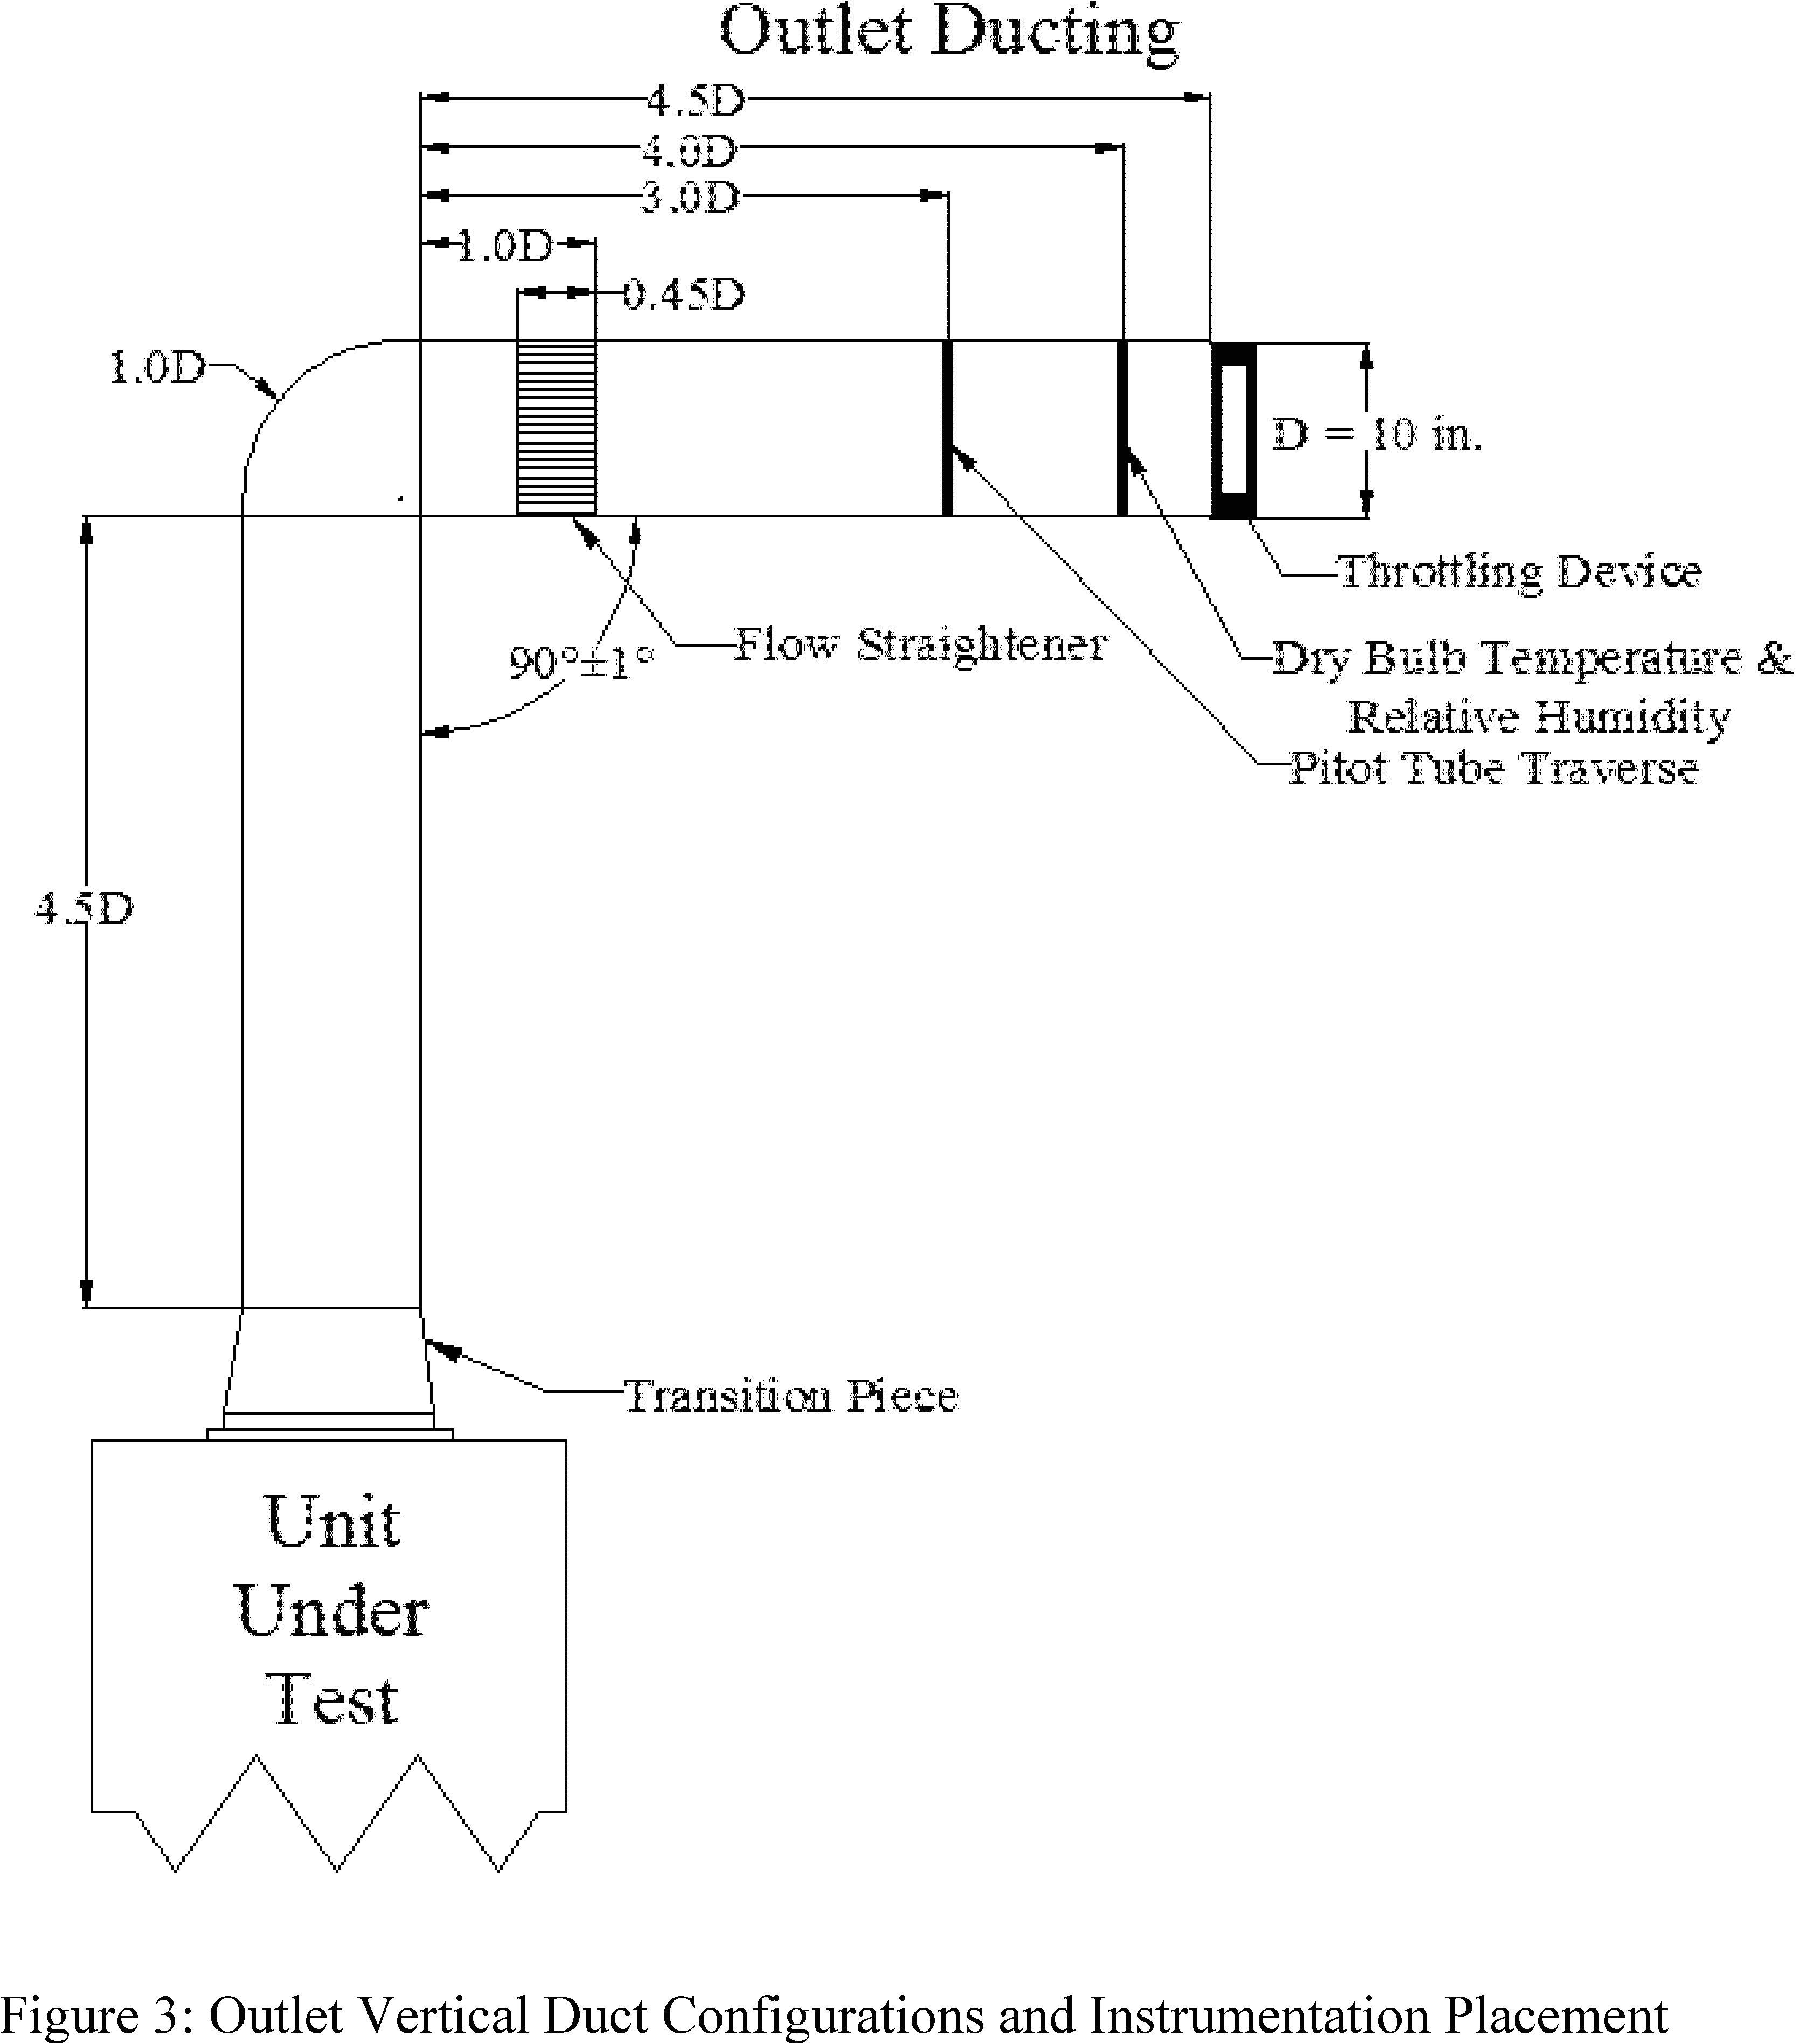 chevrolet2009impalaengine diagram wiring diagram usedwiring aiwa diagram cdc x176m wiring diagram view chevrolet2009impalaengine diagram